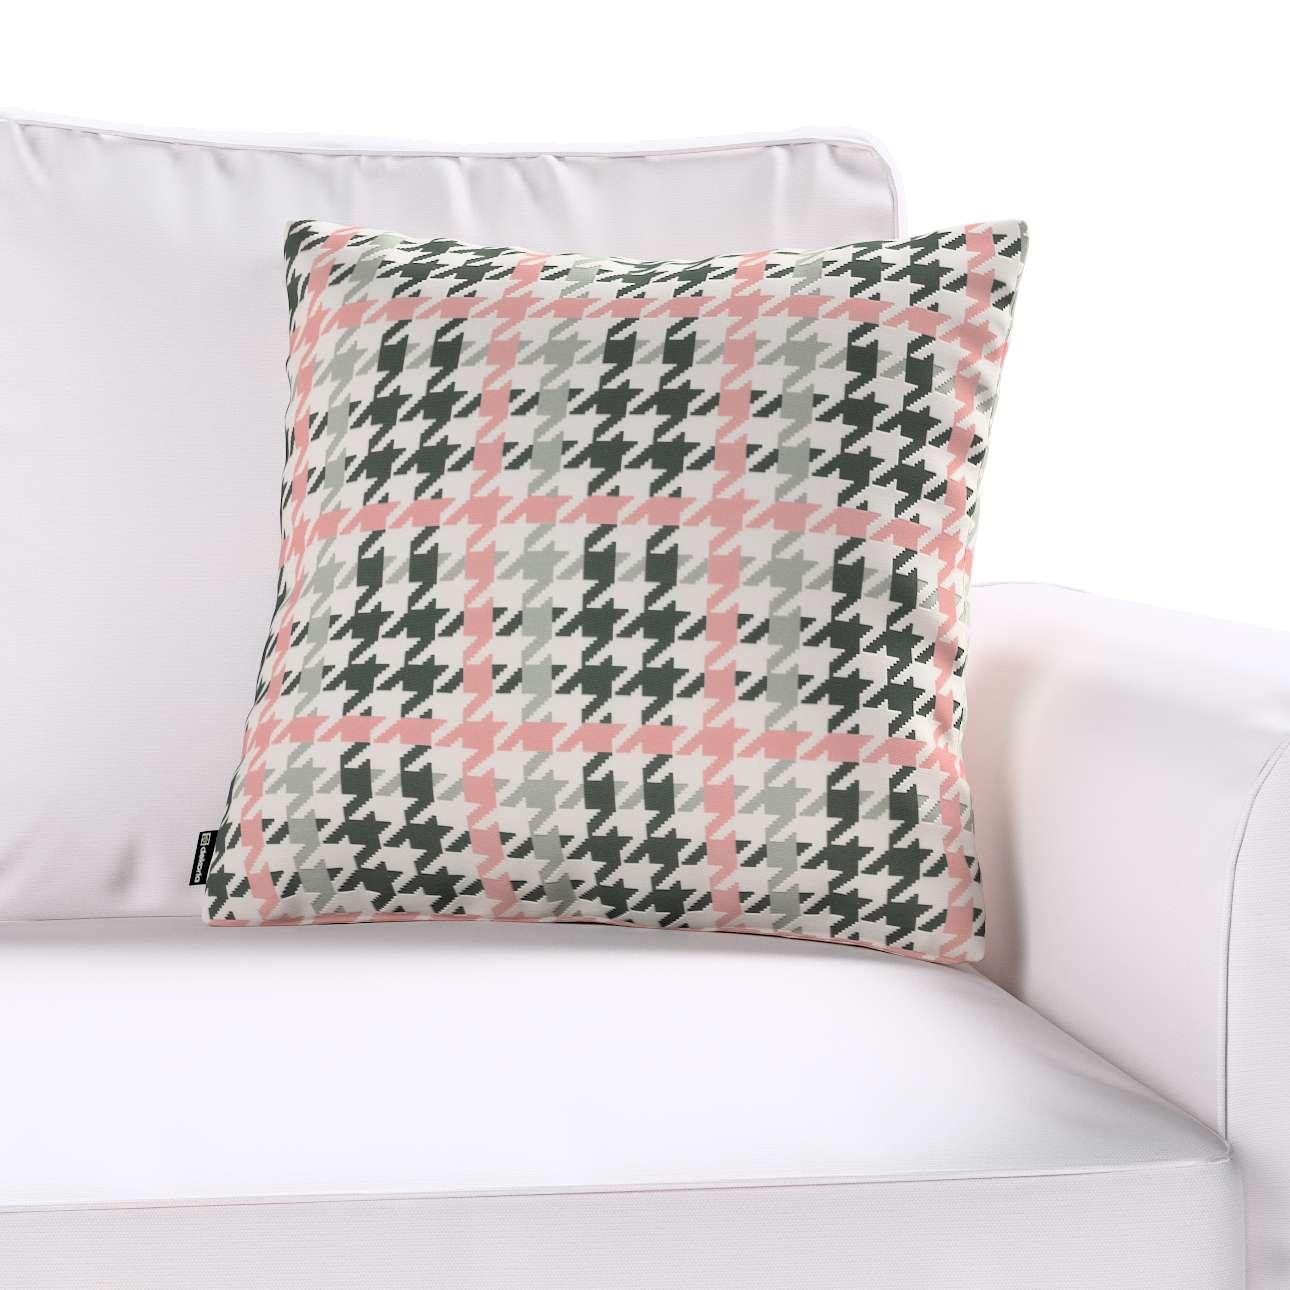 Kinga dekoratyvinės pagalvėlės užvalkalas kolekcijoje Brooklyn, audinys: 137-75